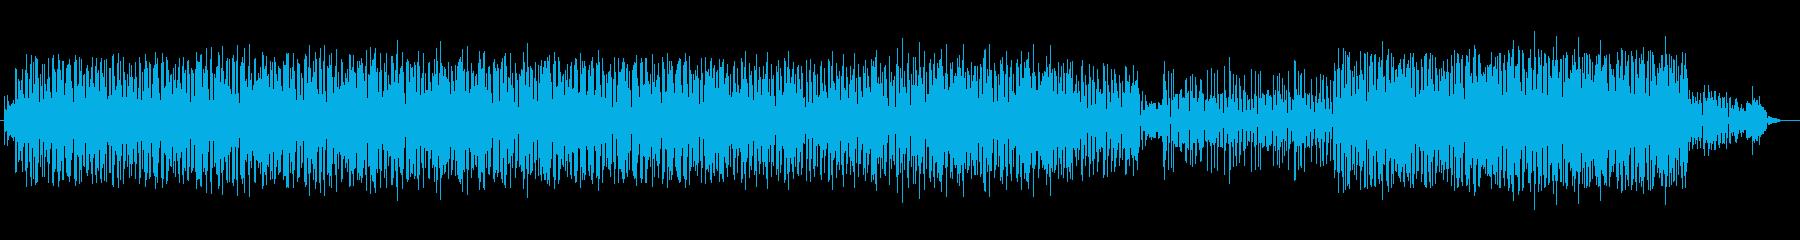 緩やかで穏やかなシンセメロディーの再生済みの波形